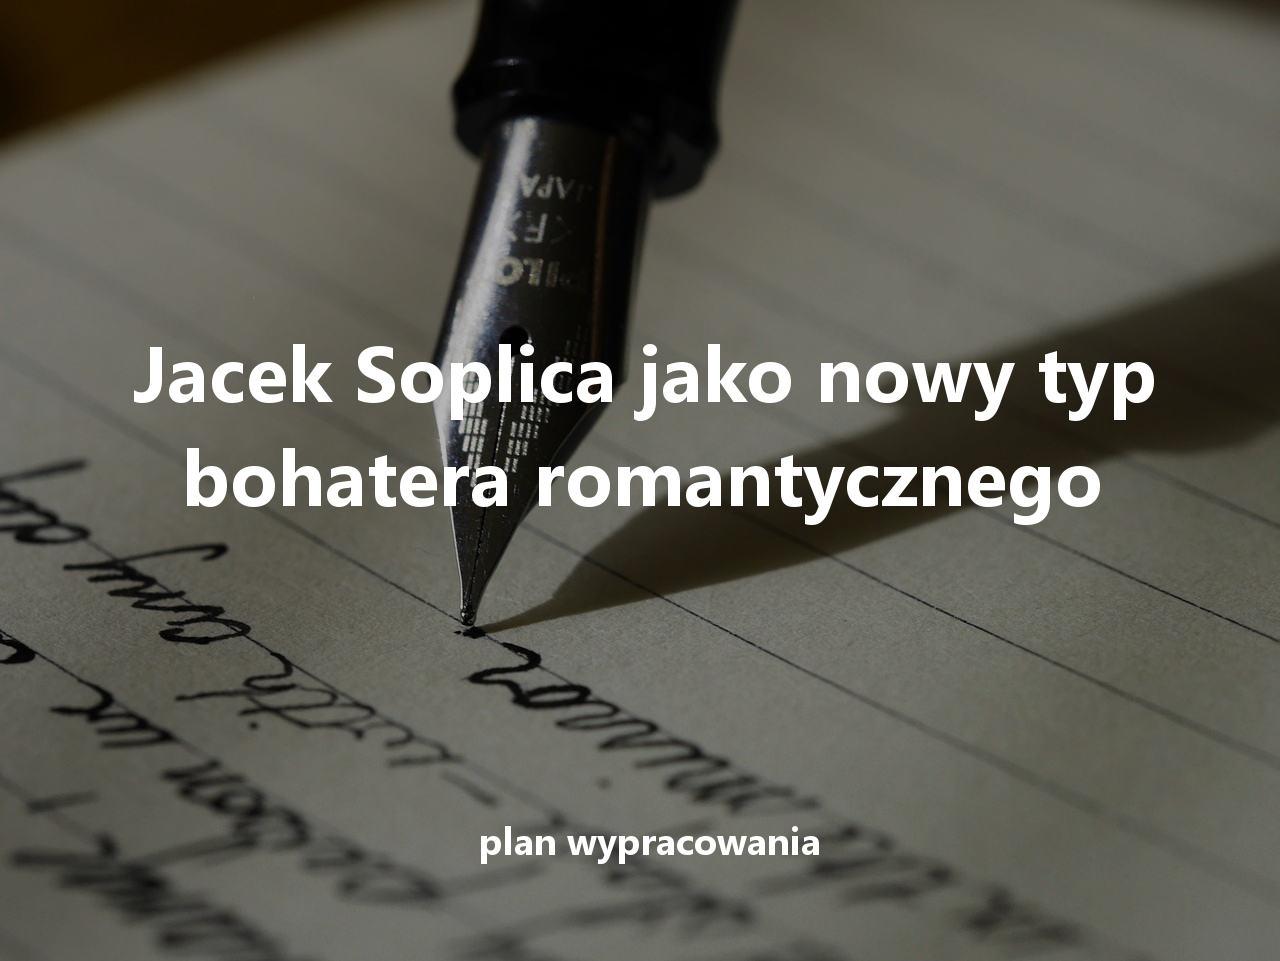 Jacek Soplica jako nowy typ bohatera romantycznego - plan wypracowania